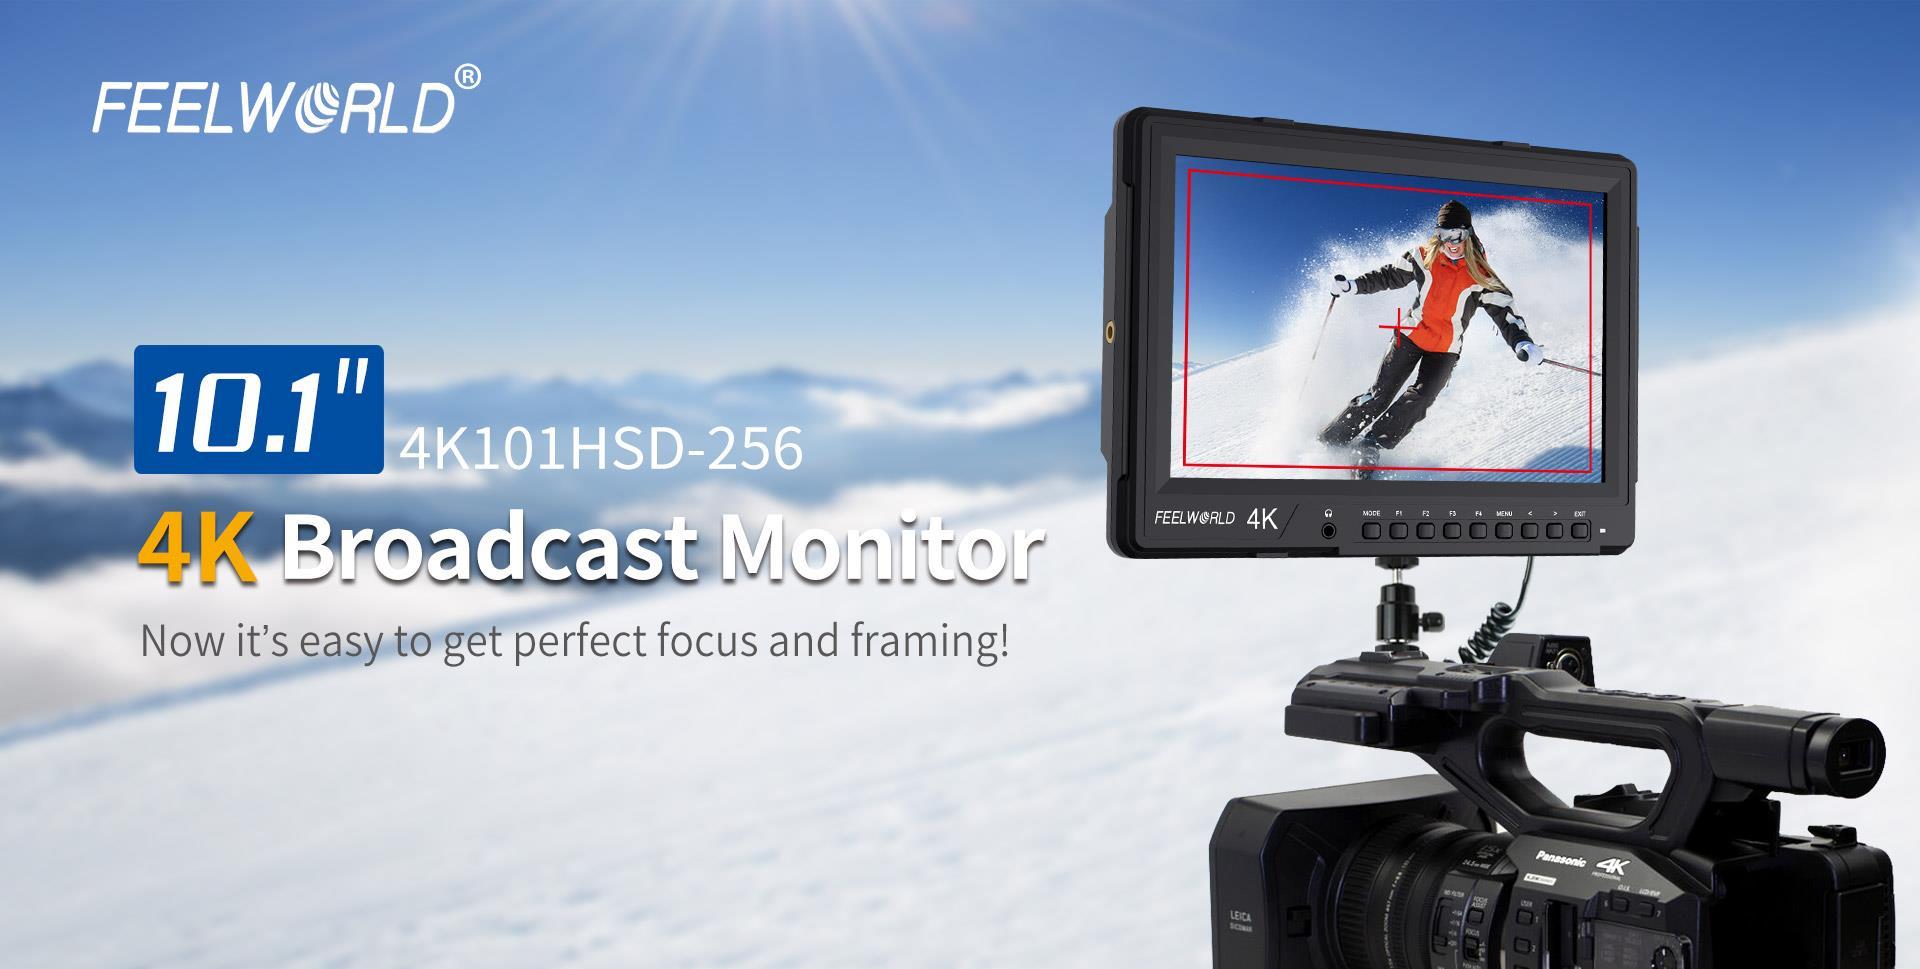 màn hình feelworld cho máy quay